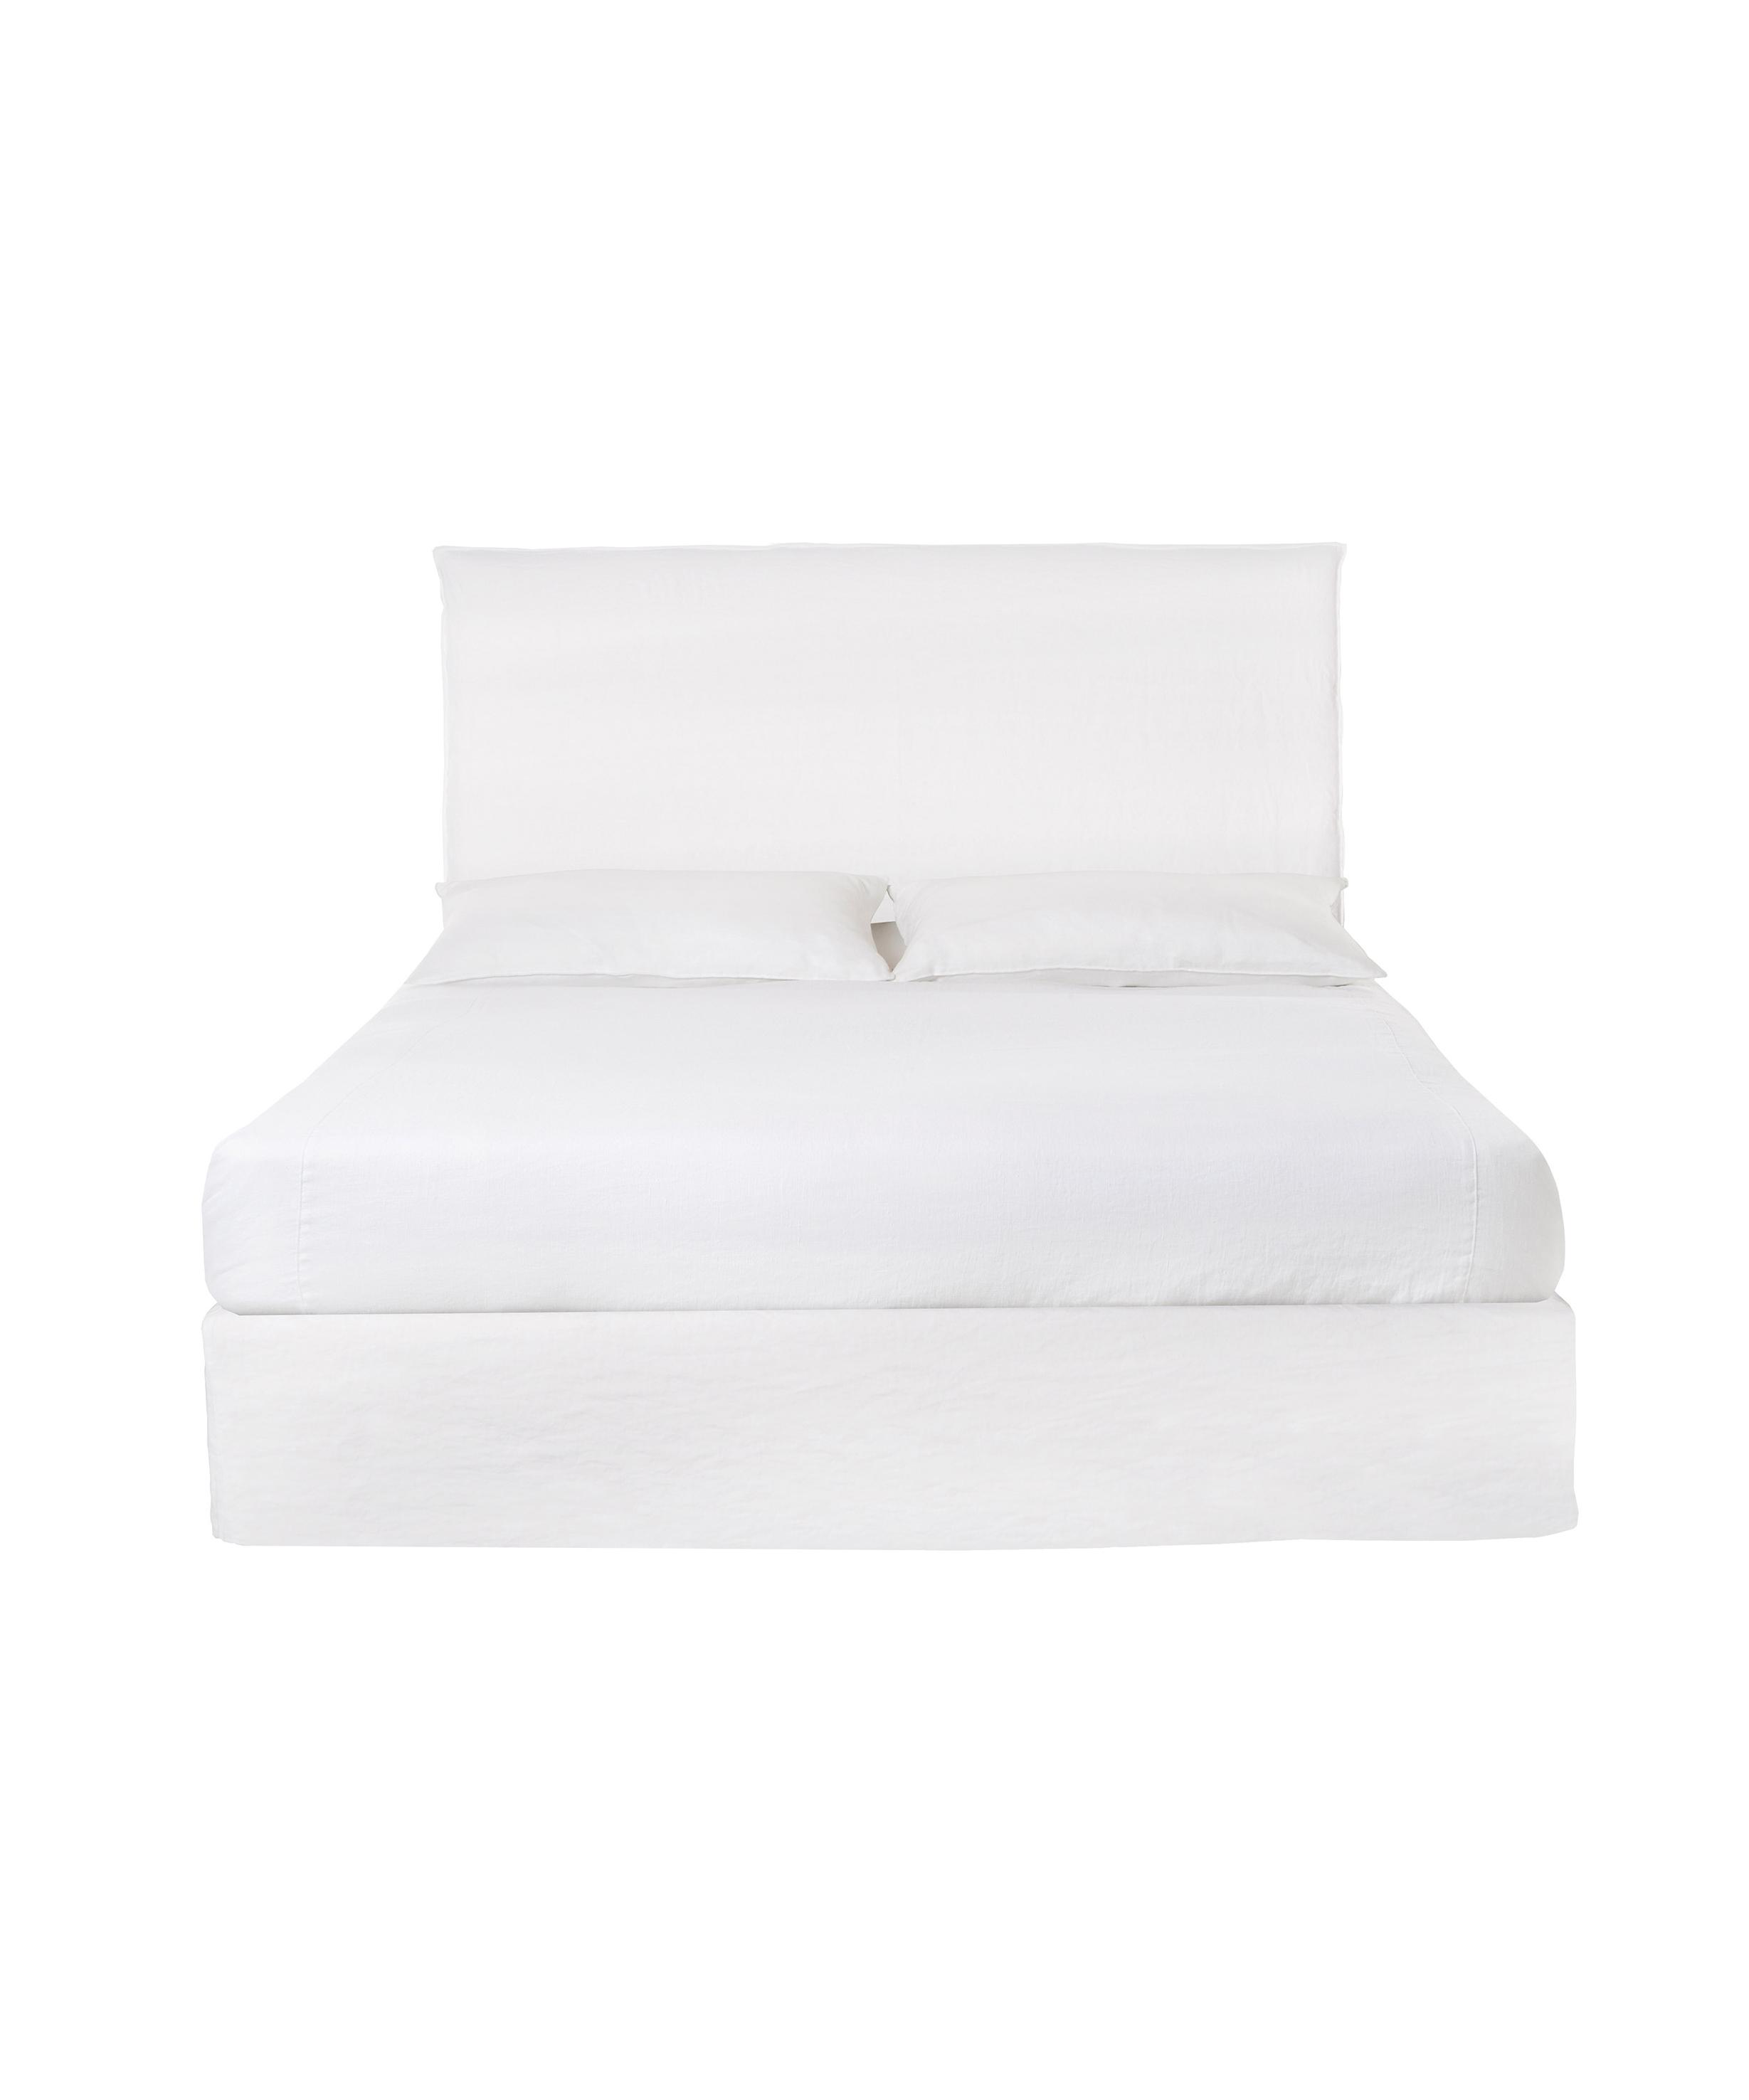 April Bed